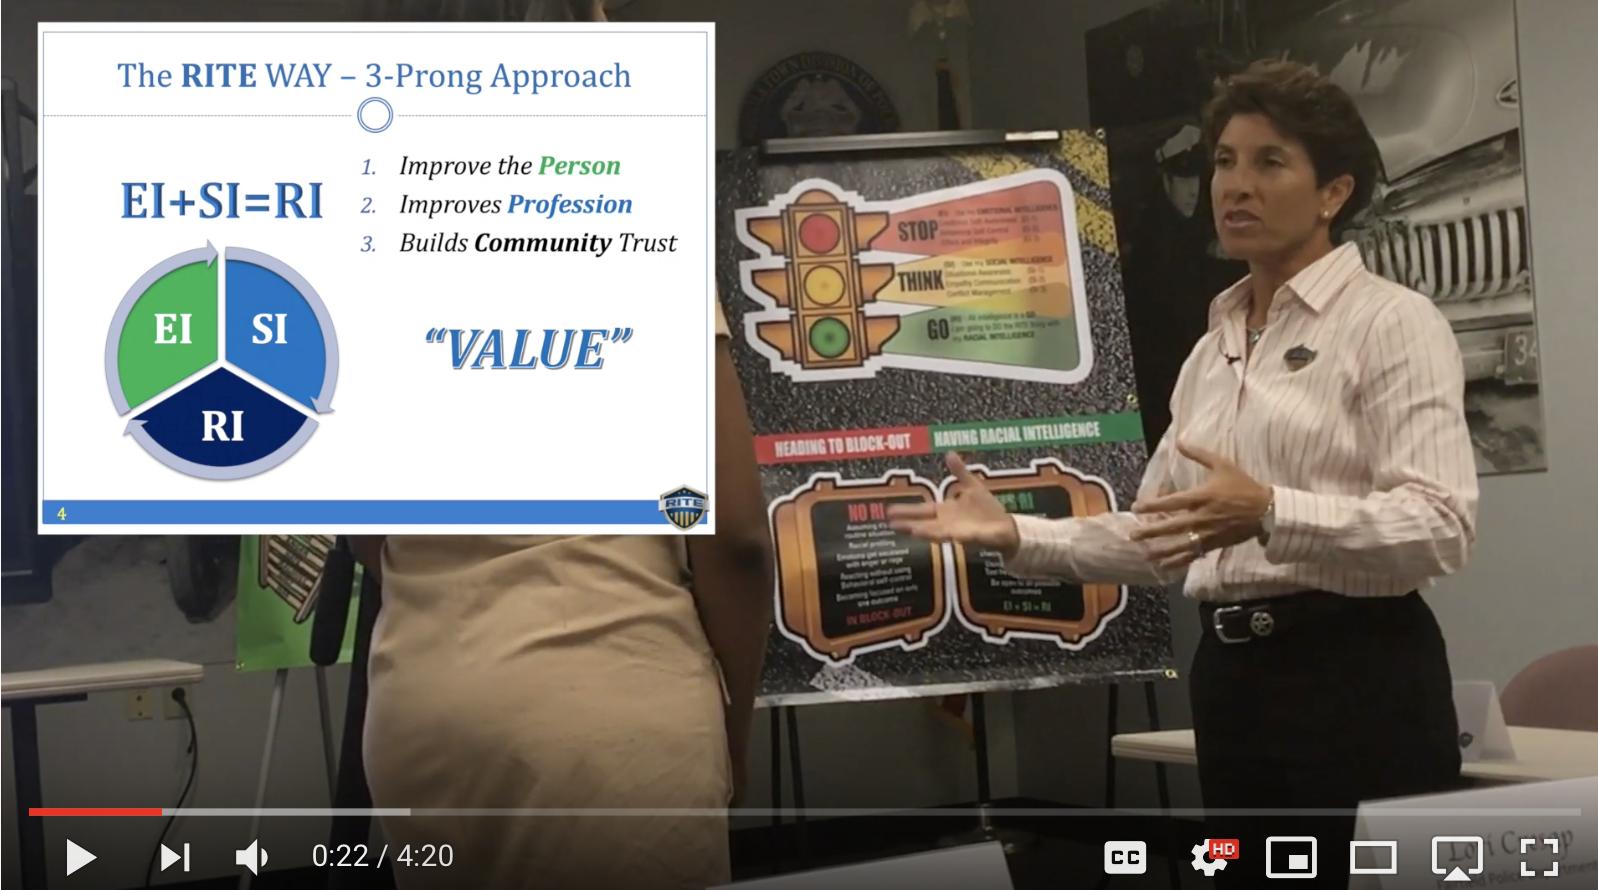 Randy Friedman explains 3 prong approach